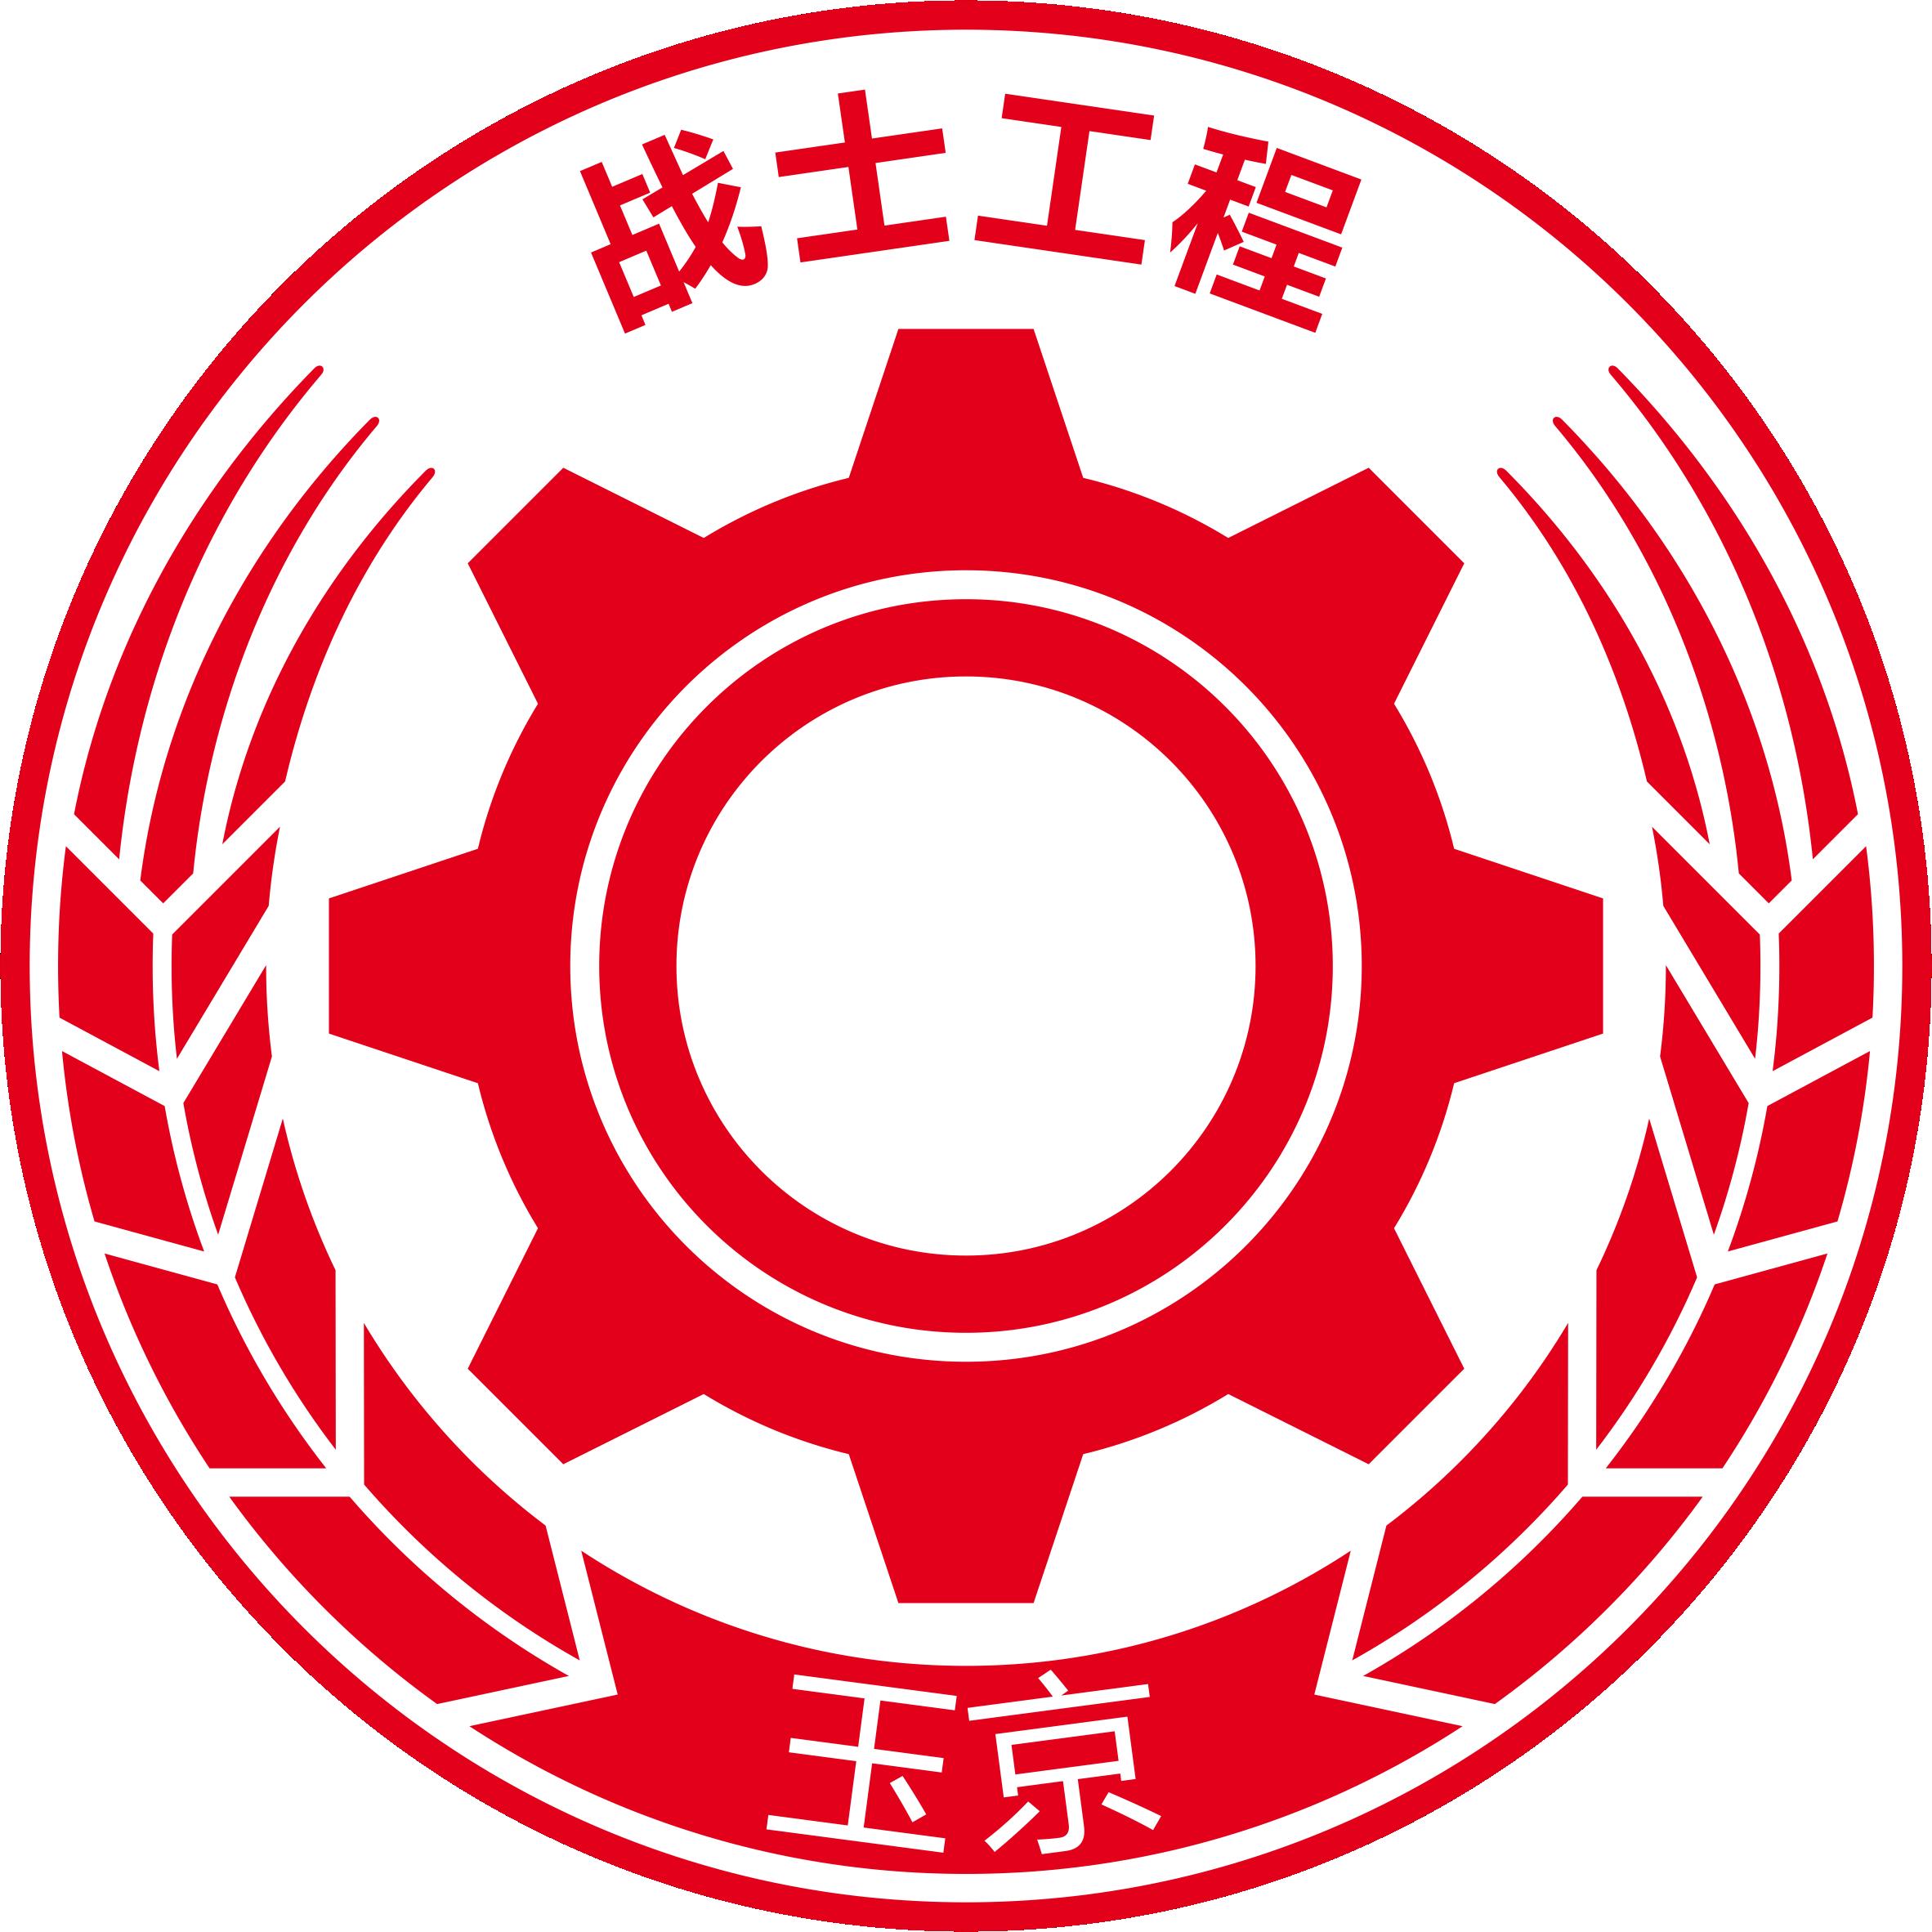 https://human-sphere.com/images/8/8f/Yu_Jing_-_Mech-Engineers_%28Zhanshi_Gongcheng%29_-_-N3-_-Vyo-.png